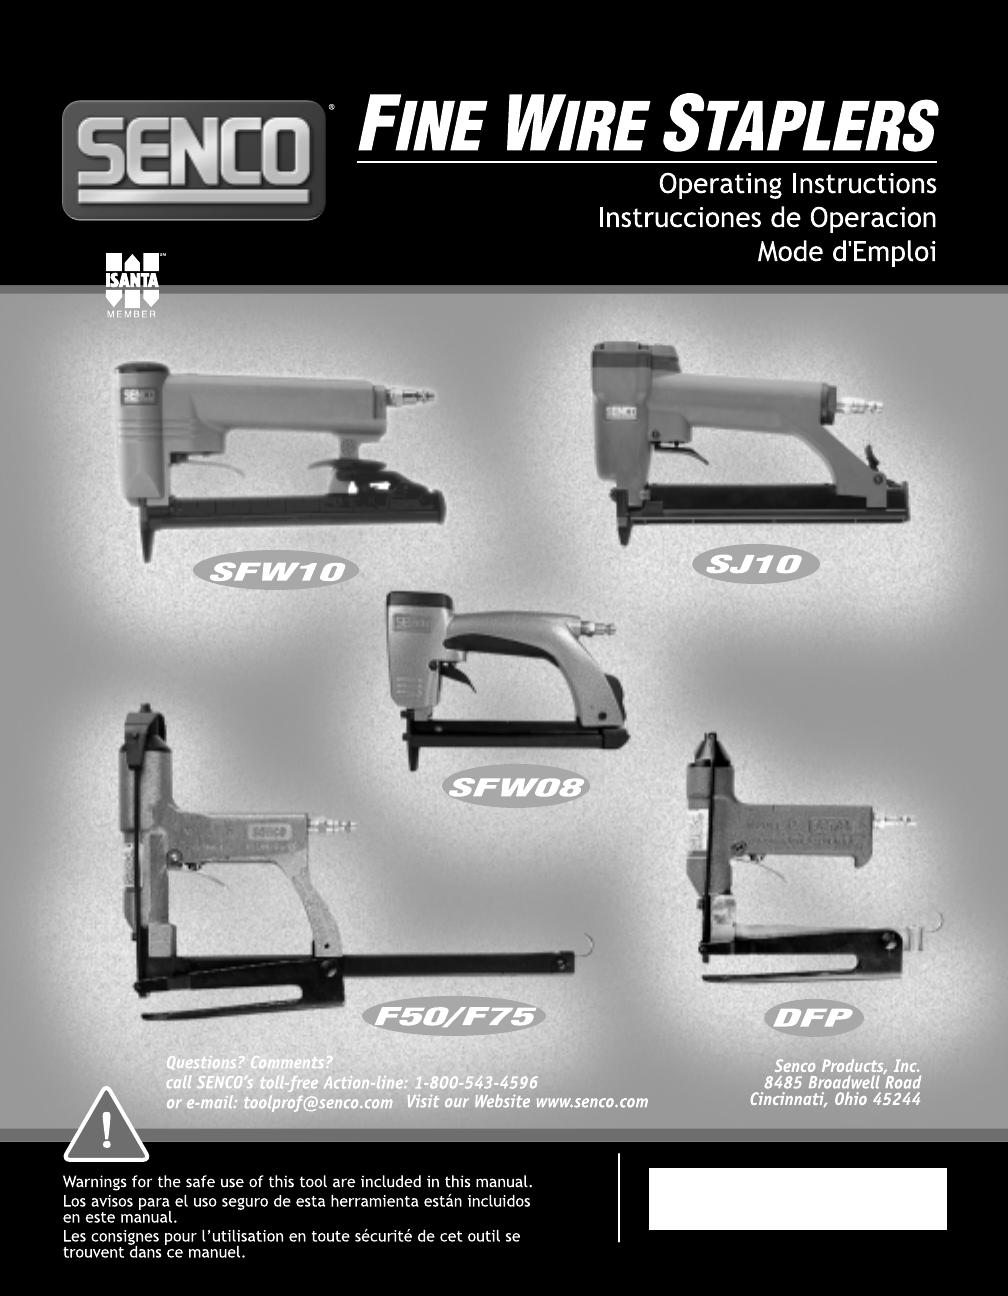 senco staple gun sfw10 user guide manualsonline com rh powertool manualsonline com Senco SJS Staples Senco Roofing Staples